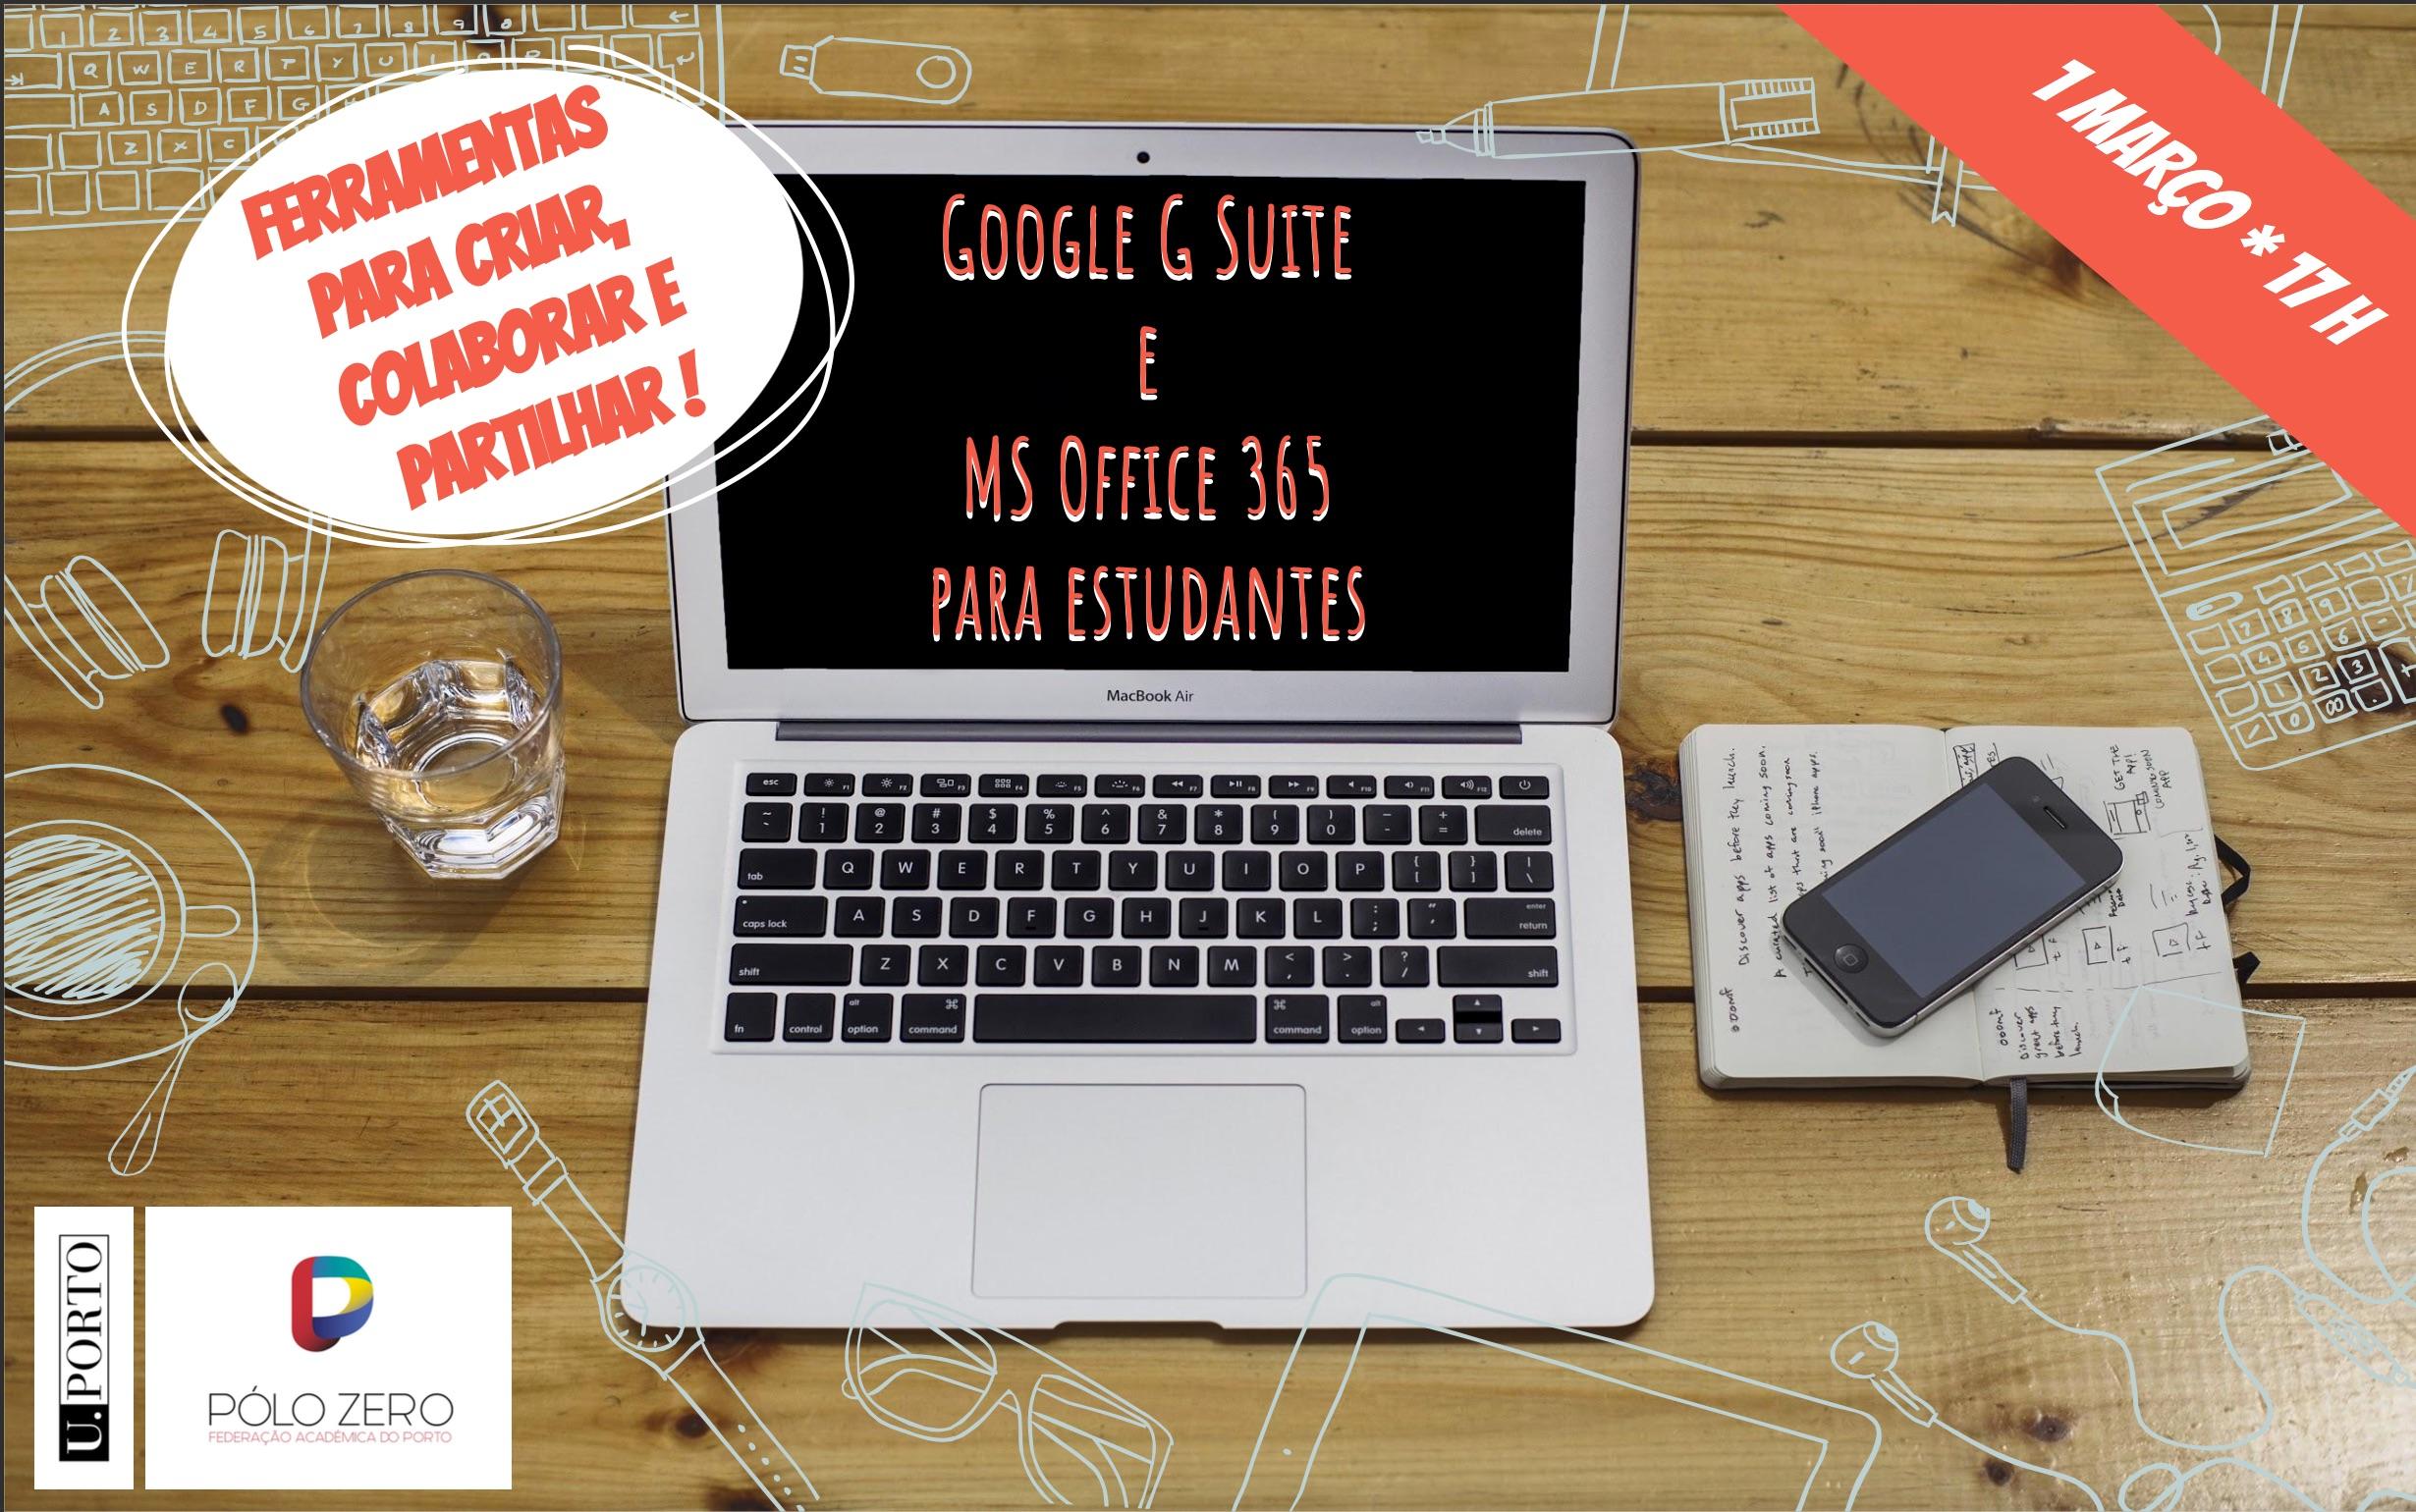 Google G Suite e MS Office 365 para estudantes: ferramentas para criar, colaborar e partilhar na cloud U.Porto